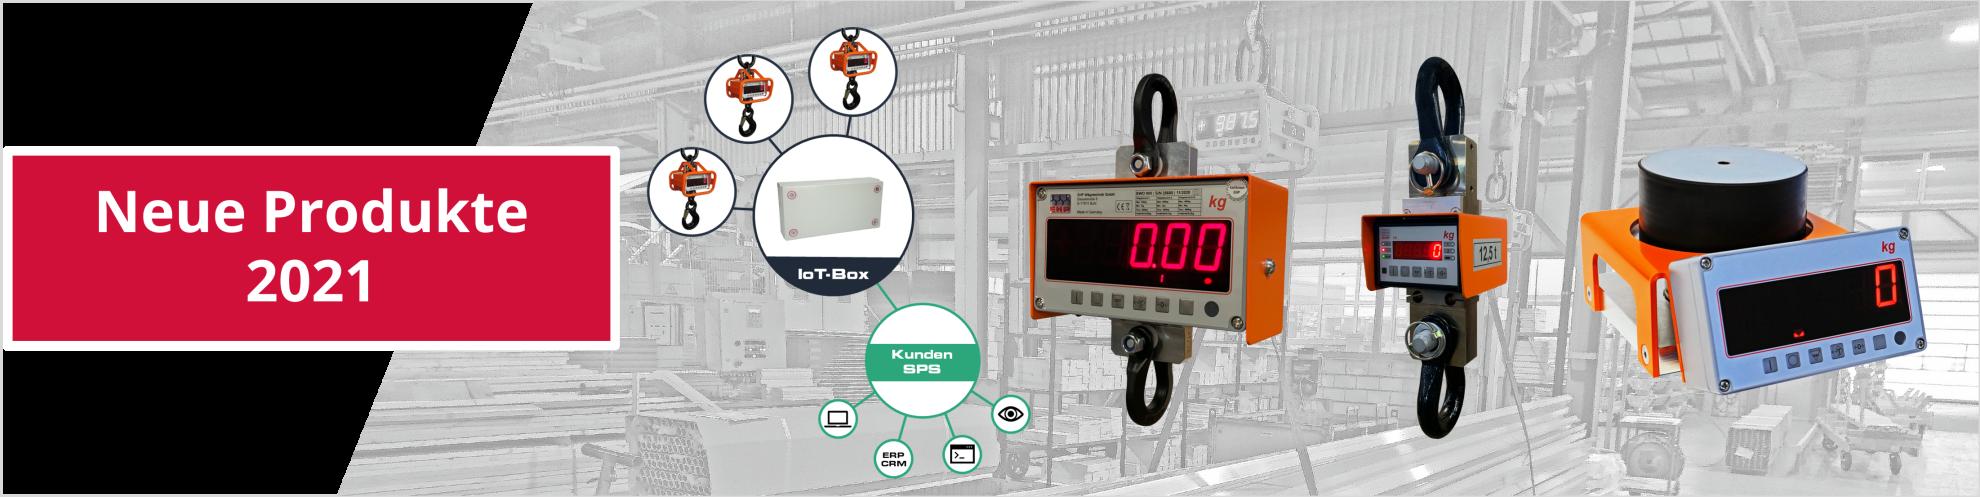 Neue Produkte 2021 von EHP: IoT-Box, EWO Dreibereichswaage, CS Zugkraftaufnehmer und mobile Waage MWS